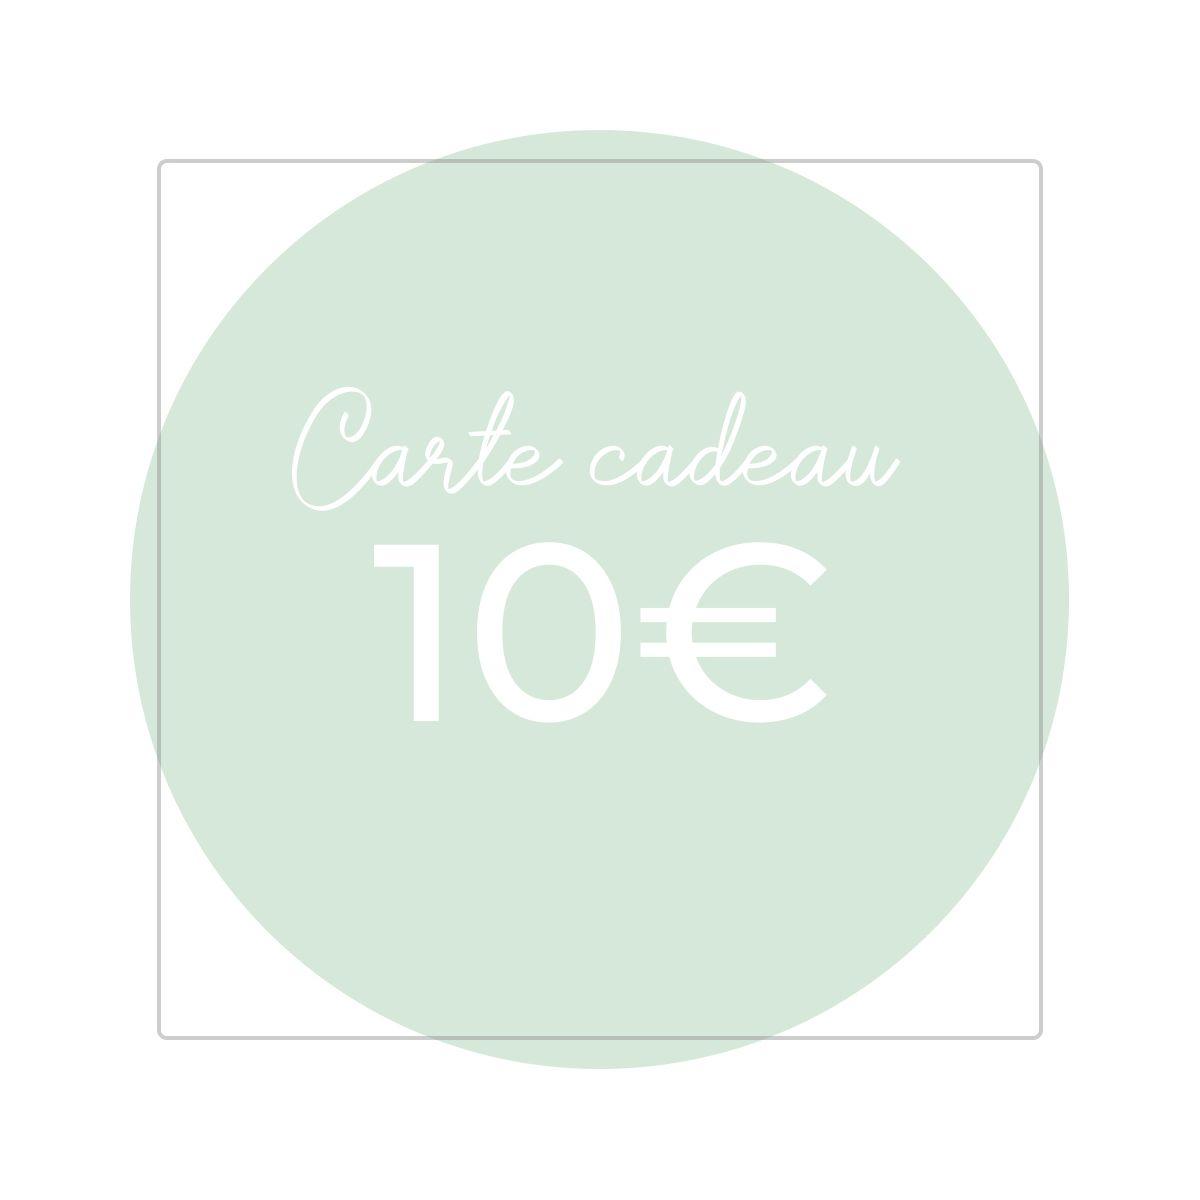 Carte Cadeau 10€ - Version numérique